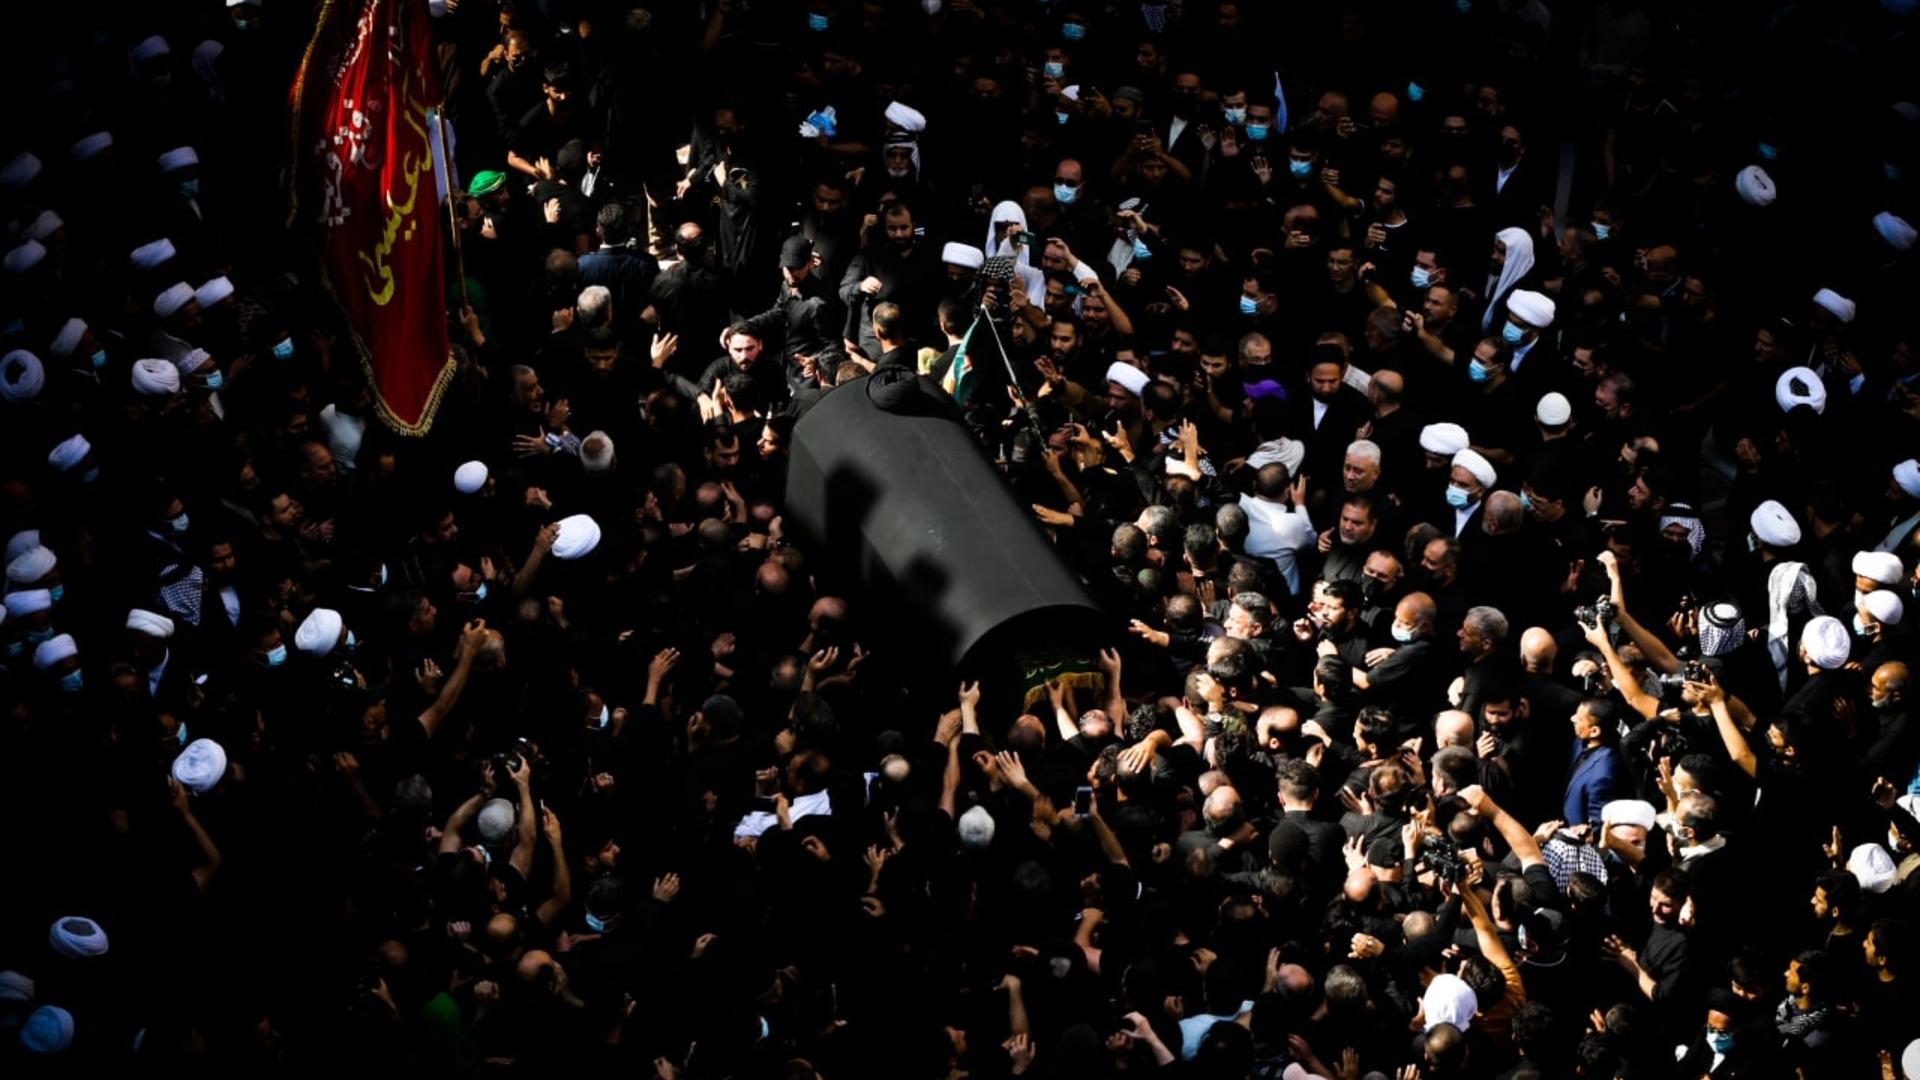 تشييع جثمان المرجع الديني آية الله العظمى السيد محمد سعيد الحكيم